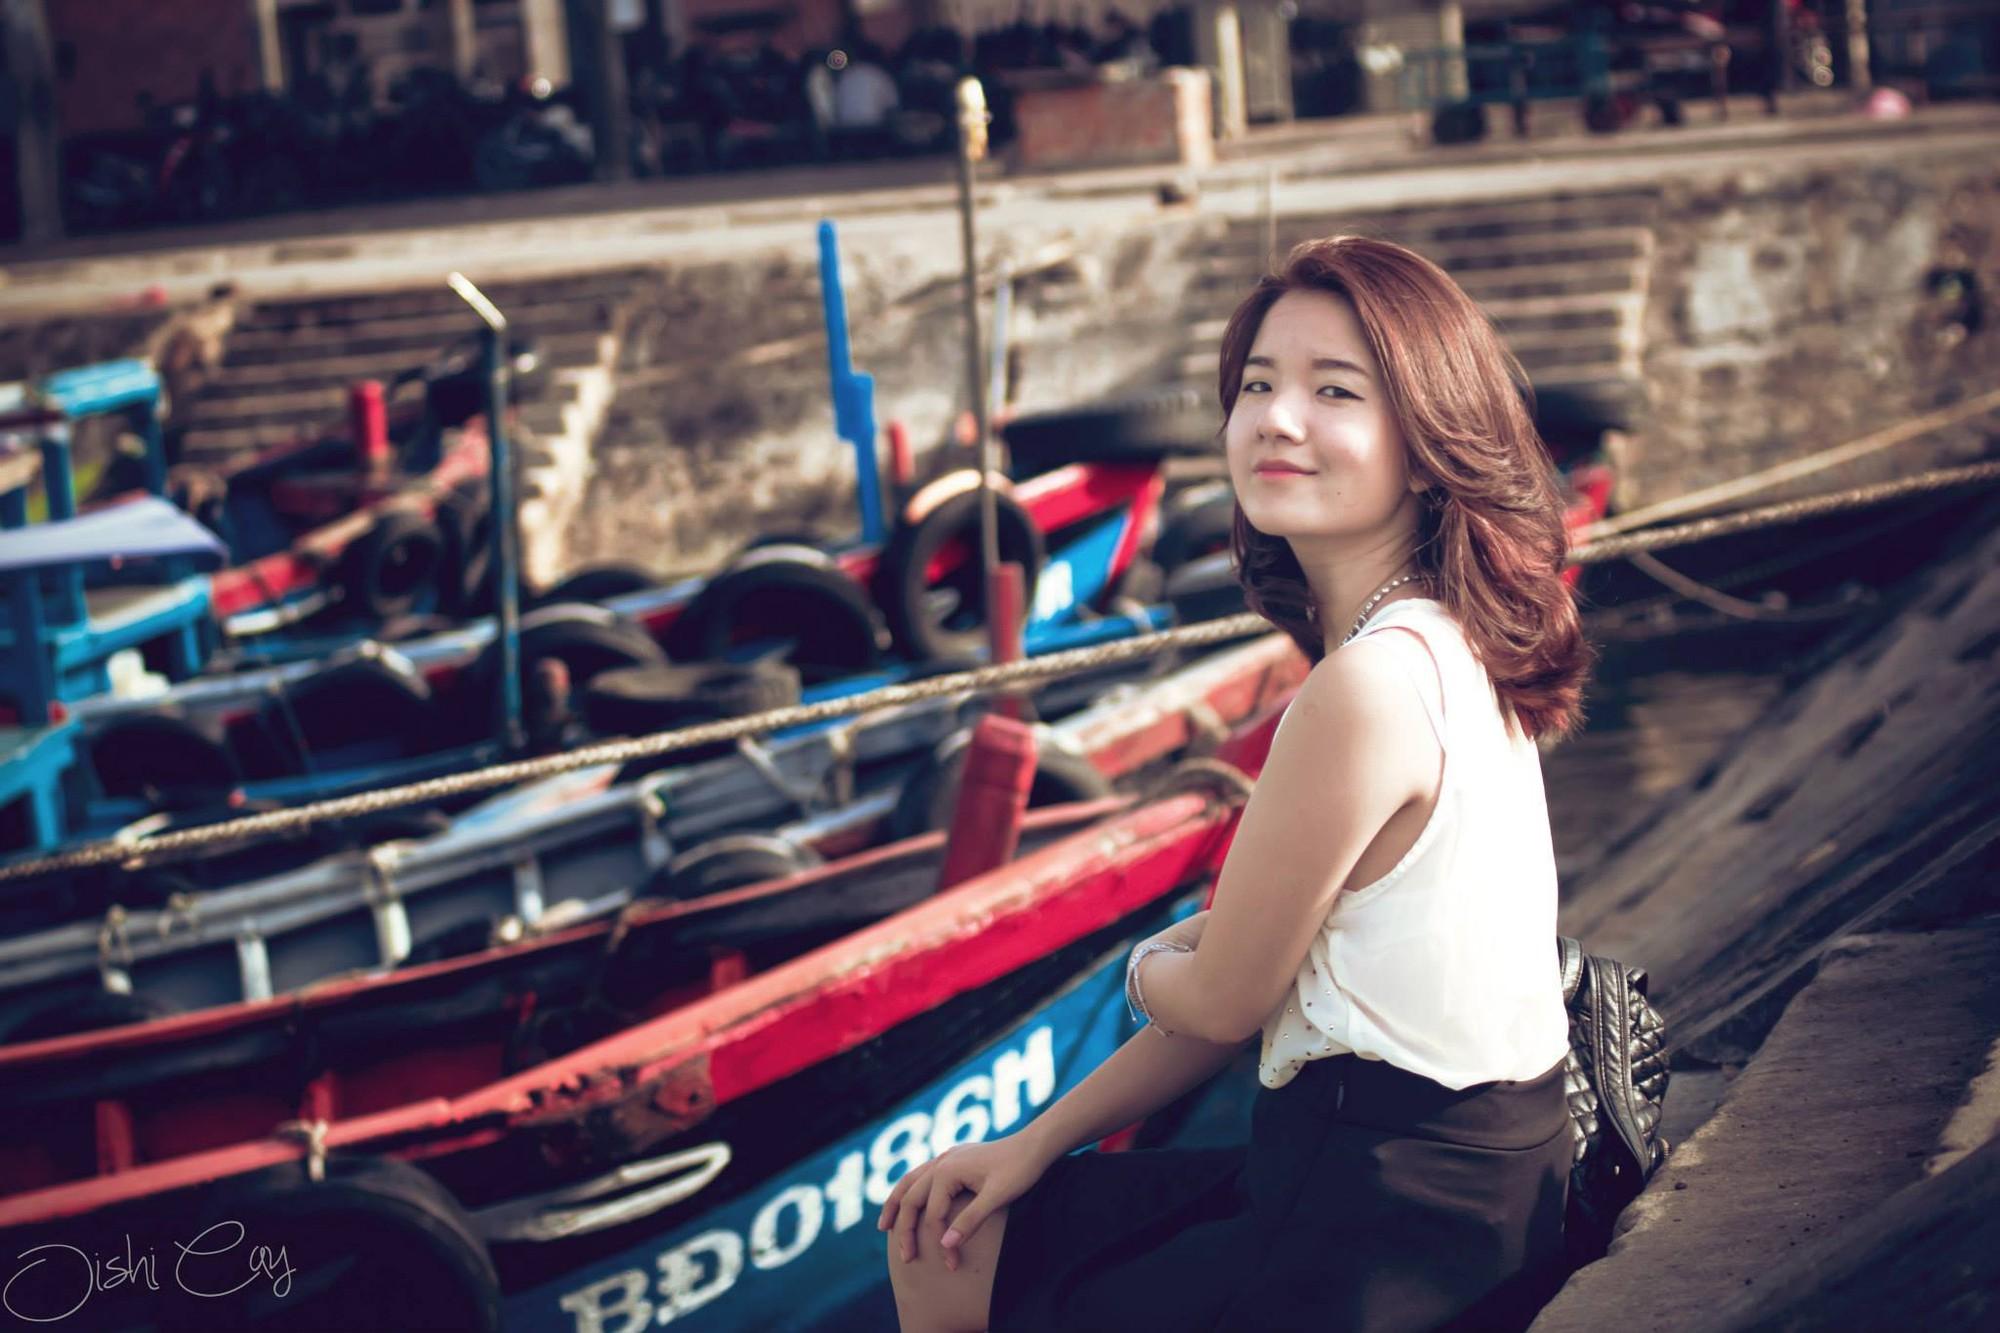 Ảnh 9: Nữ du học sinh Việt - We25.vn